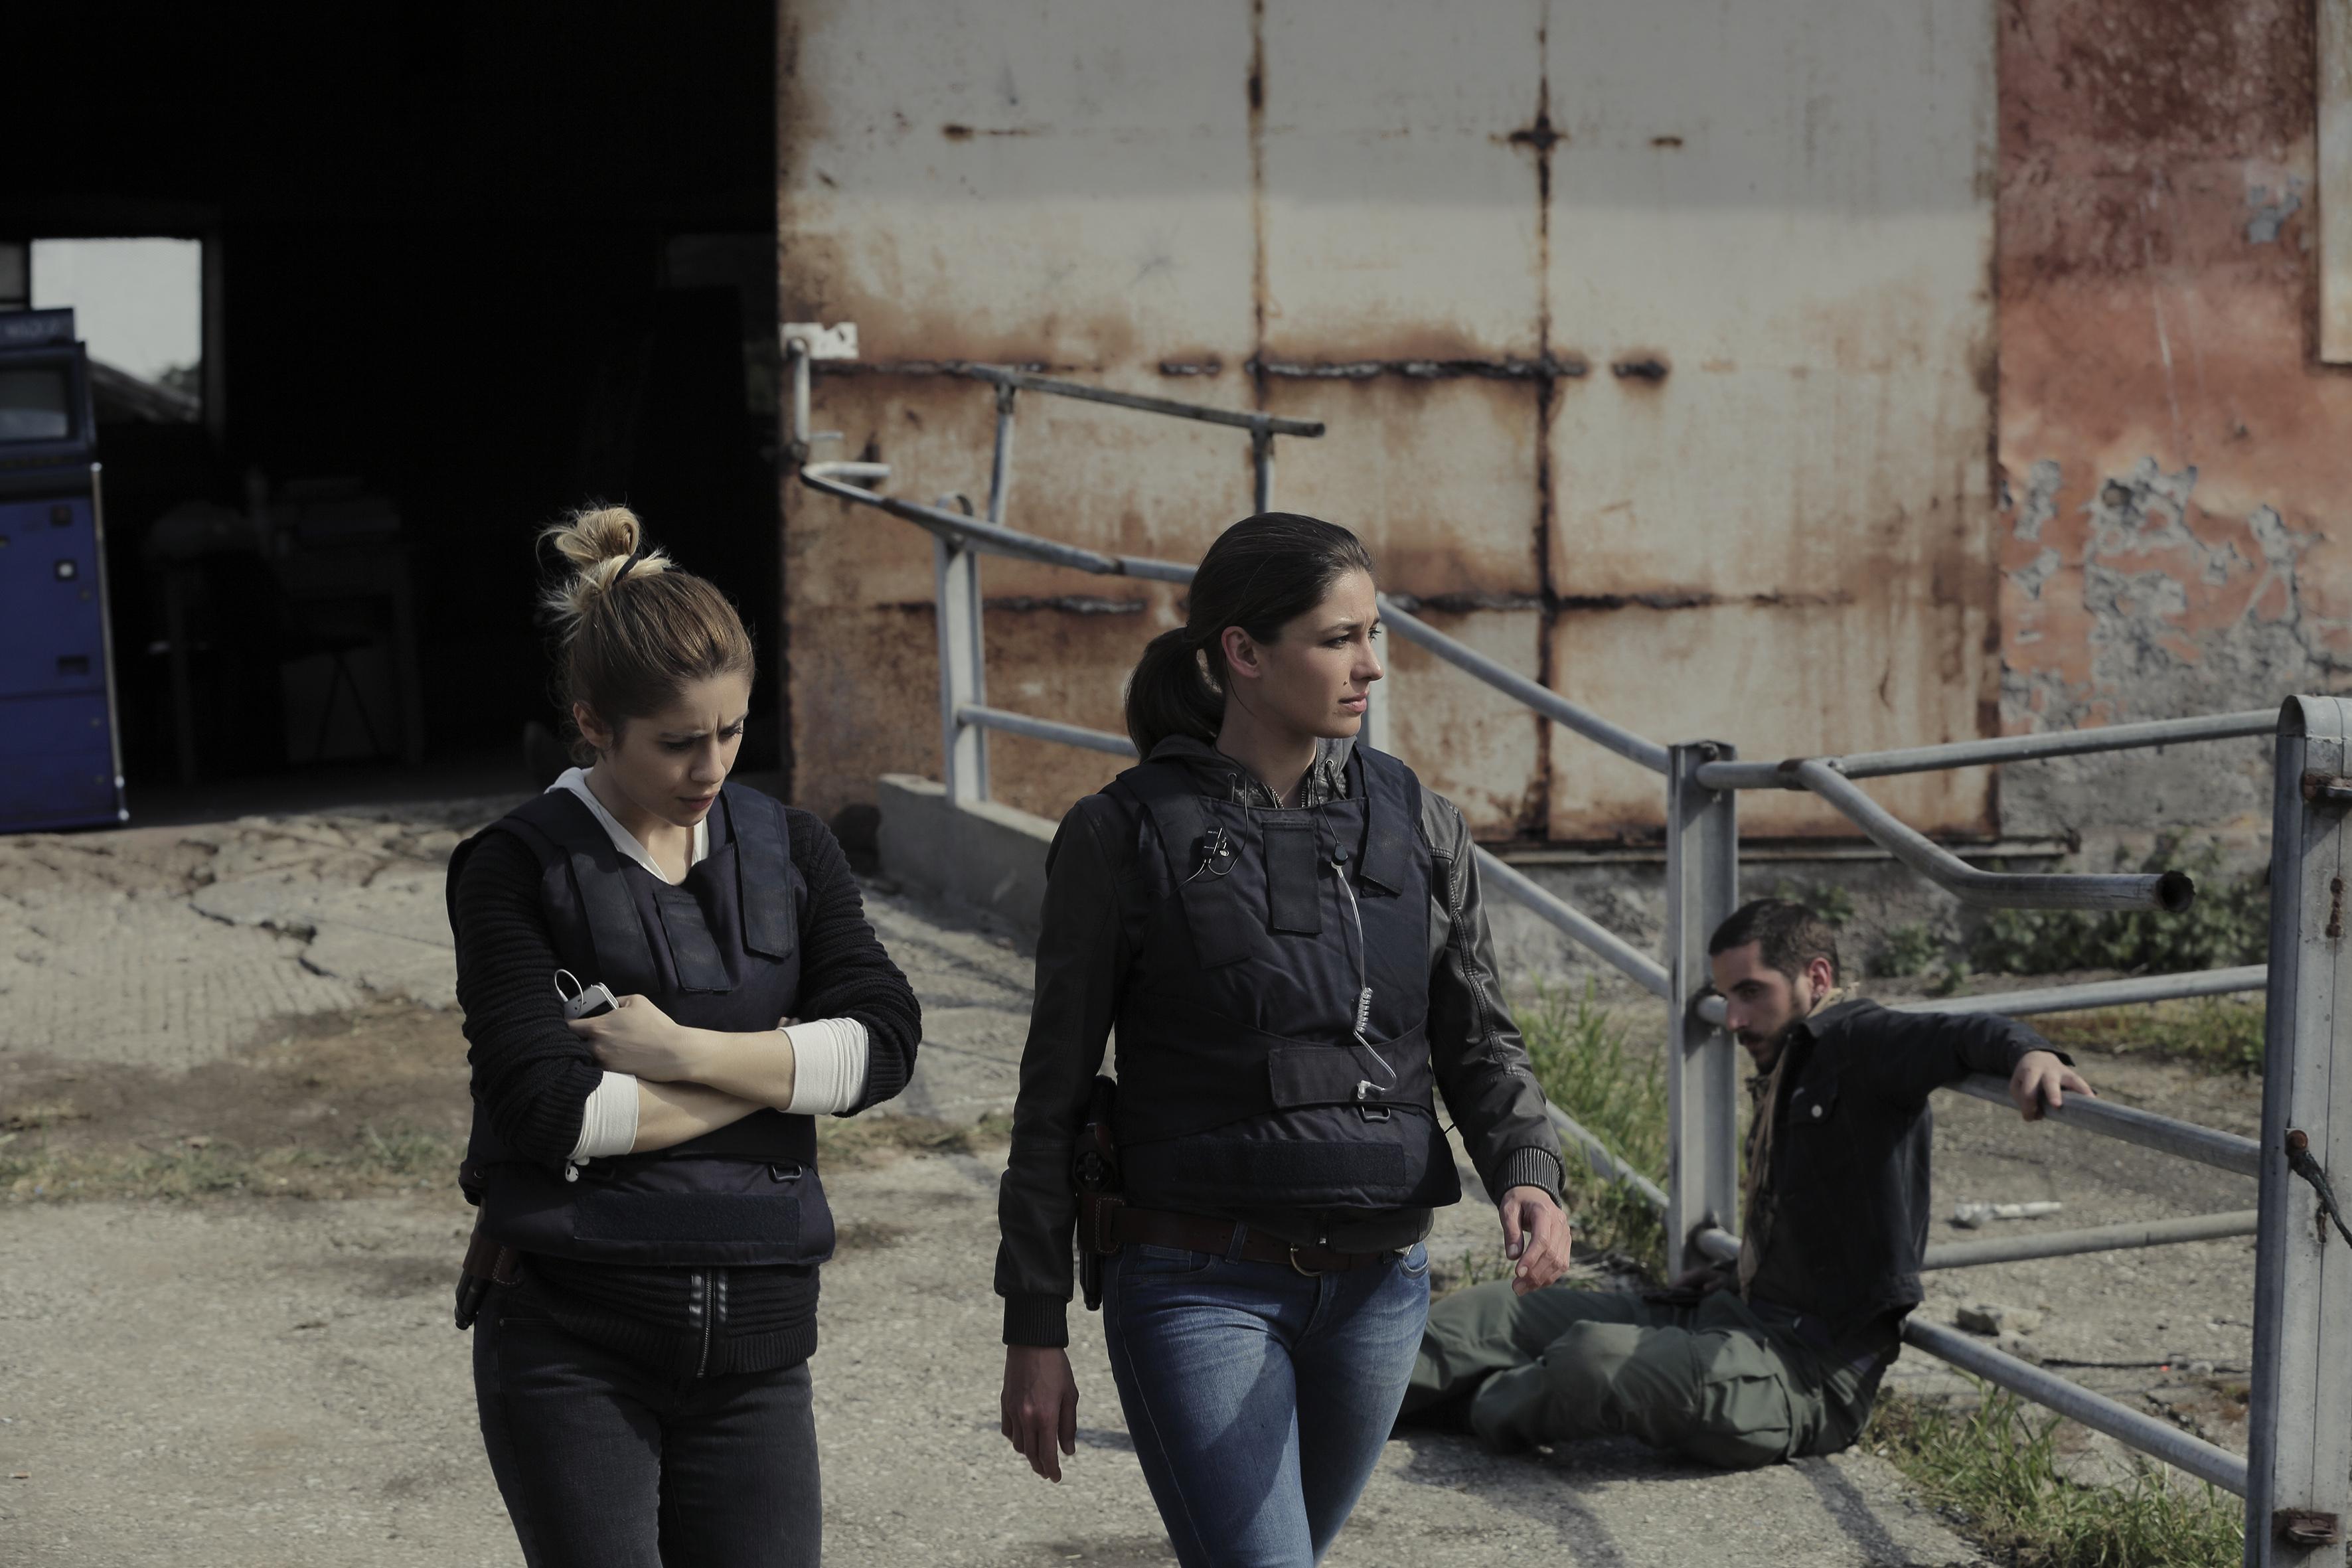 Squadra antimafia, due membri del cast nella sesta stagione